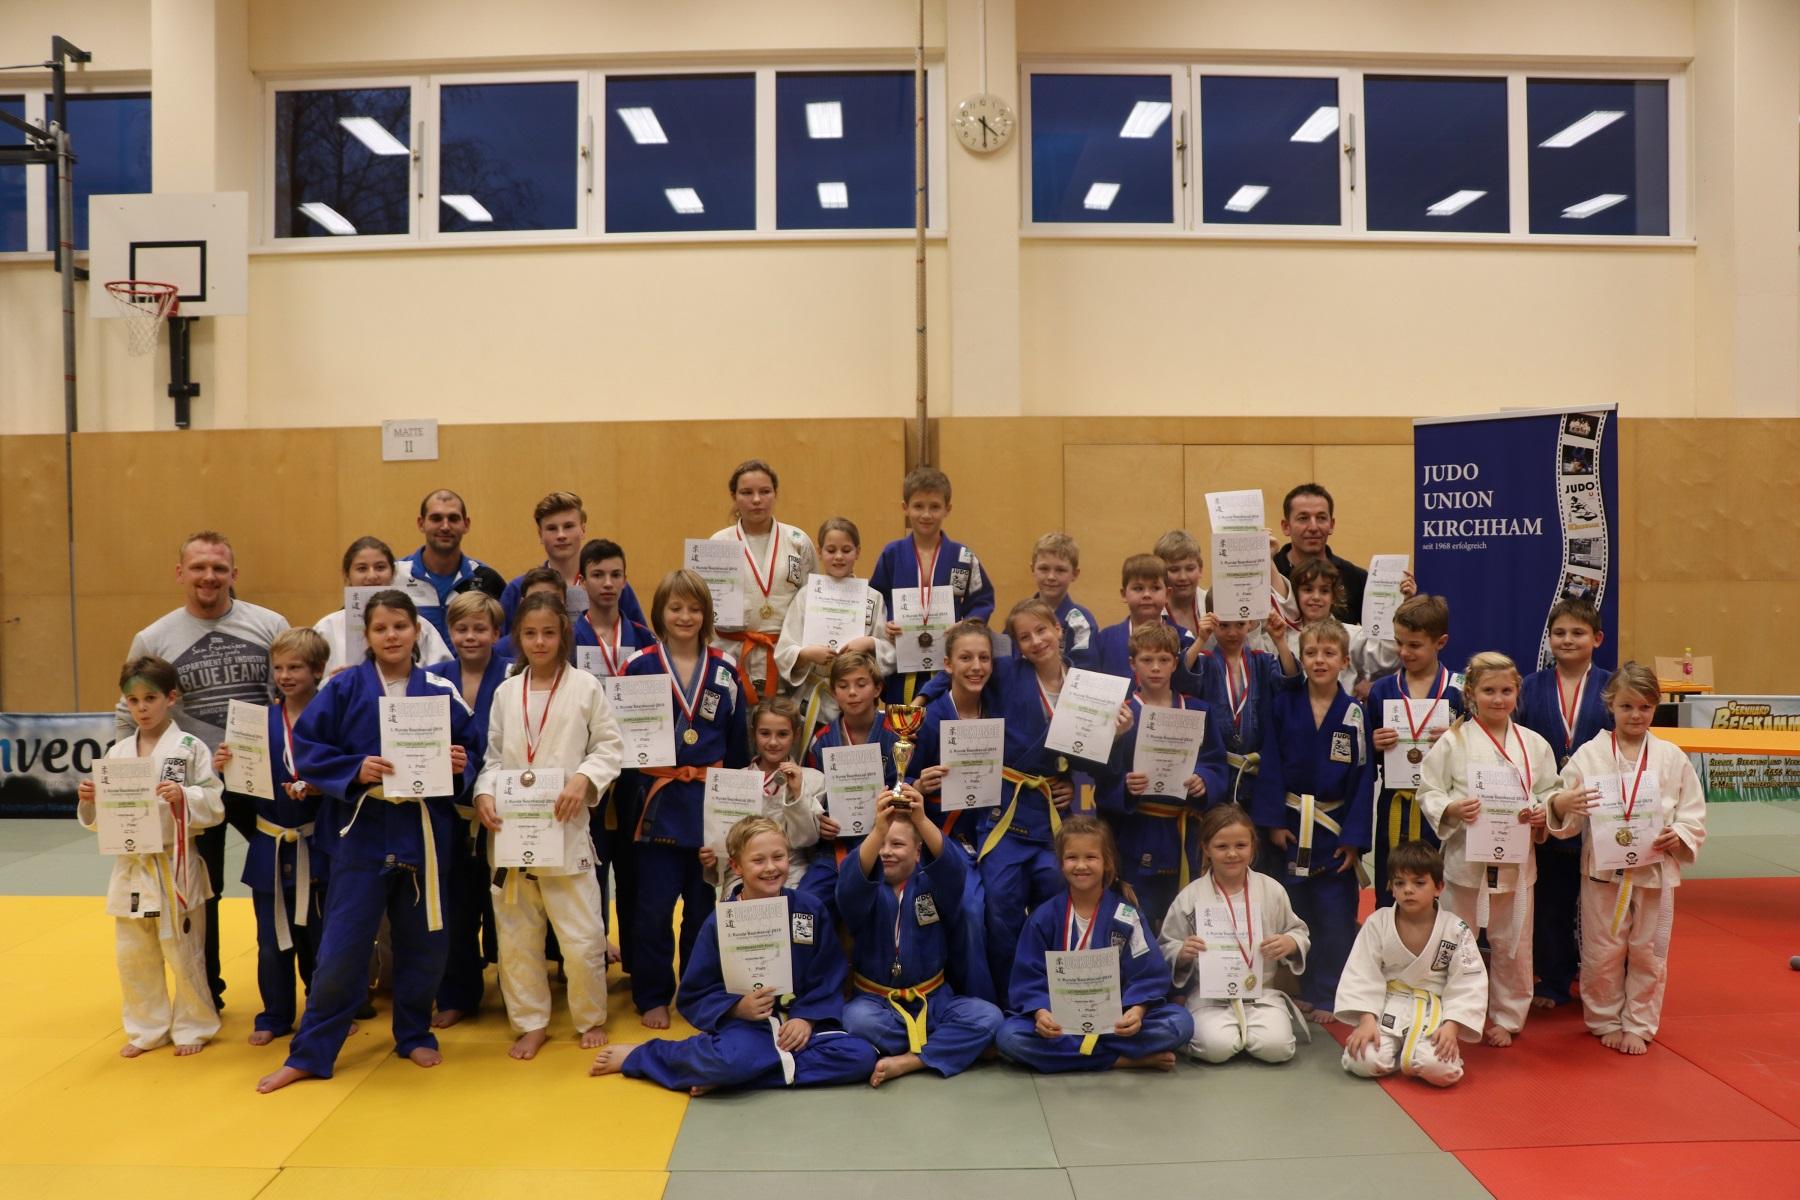 Ausgezeichnete Leistung von unseren jungen Judokas bei der 3. Runde im Bezirkscup in Kirchham.